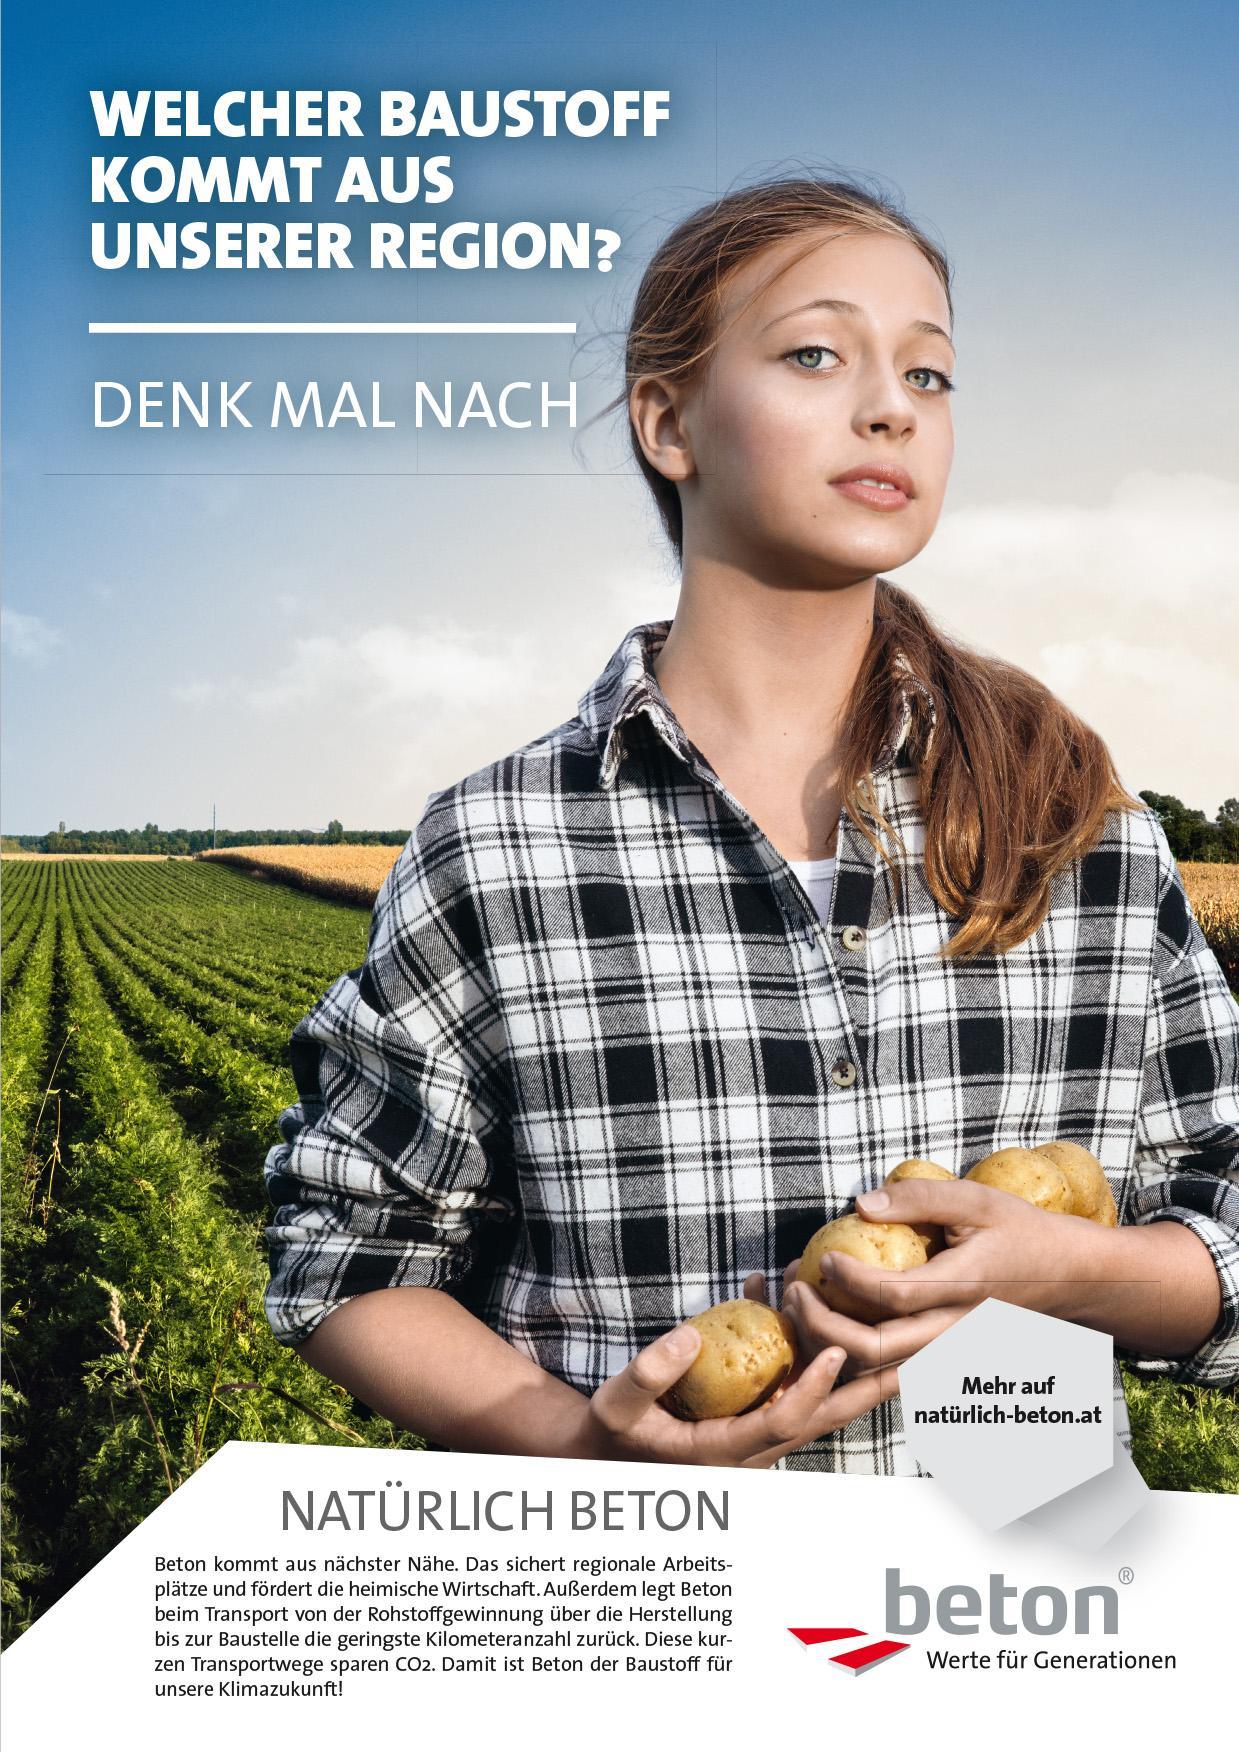 Mädchen mit Kartoffeln in der Hand vor einem langen, grünen Feld